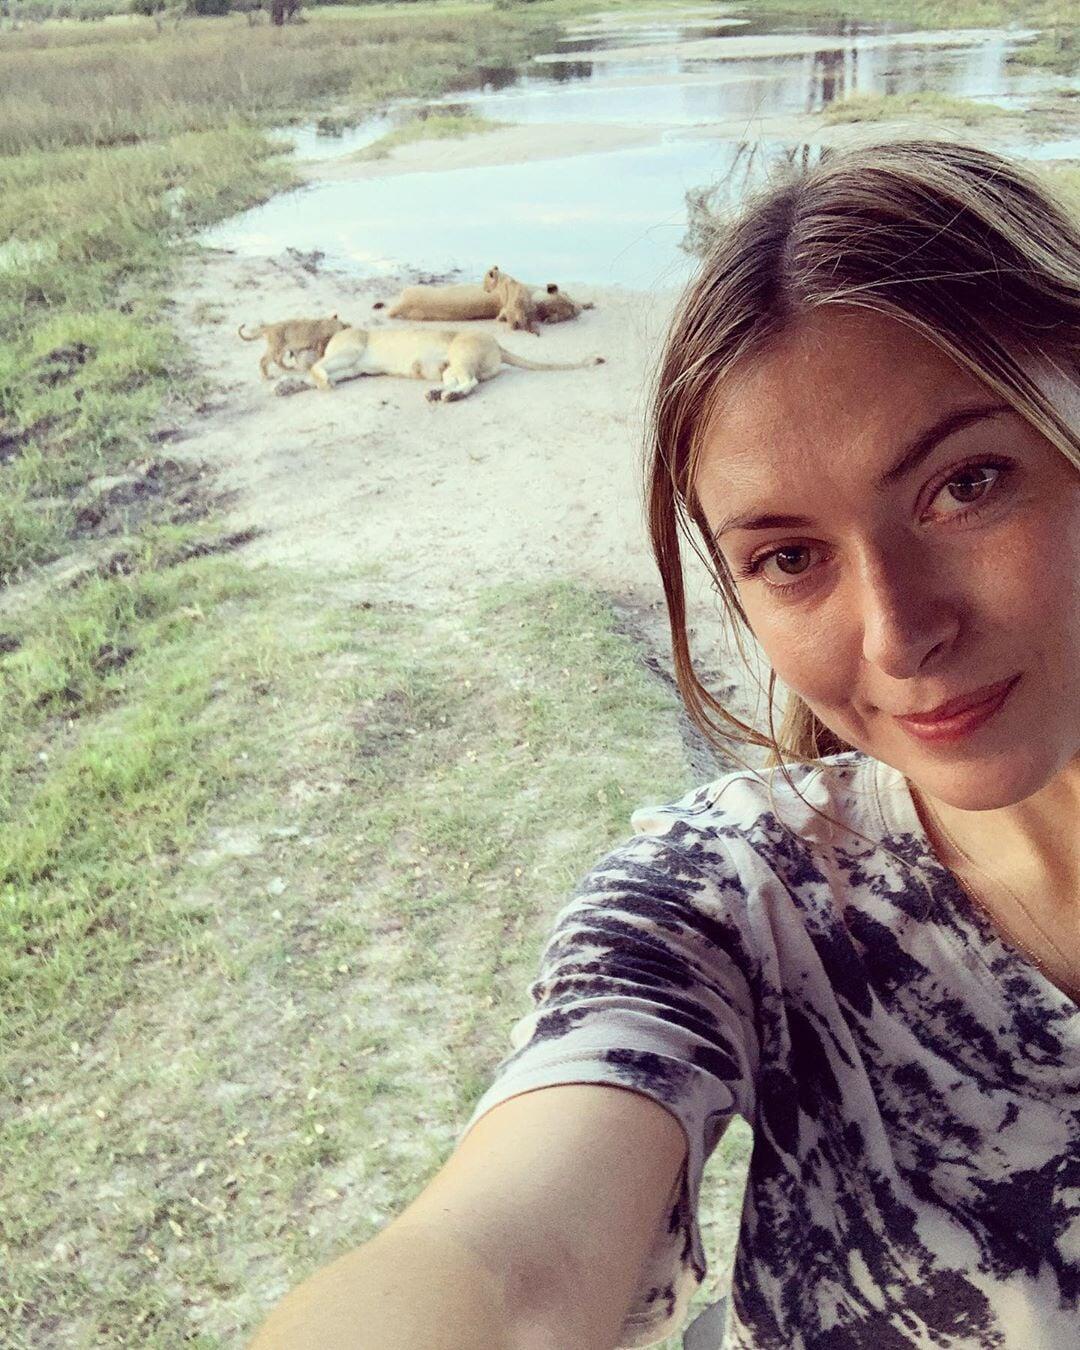 Африканский отпуск Шараповой: гориллы, львы, футбол с детьми и встреча с президентом